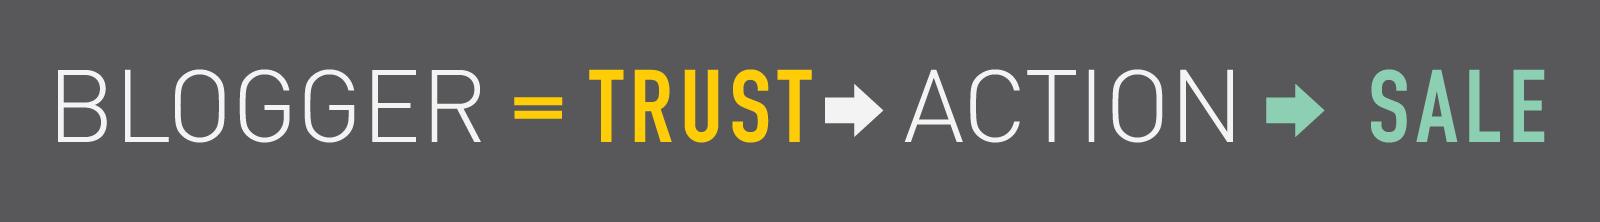 sponsor-banner-trust